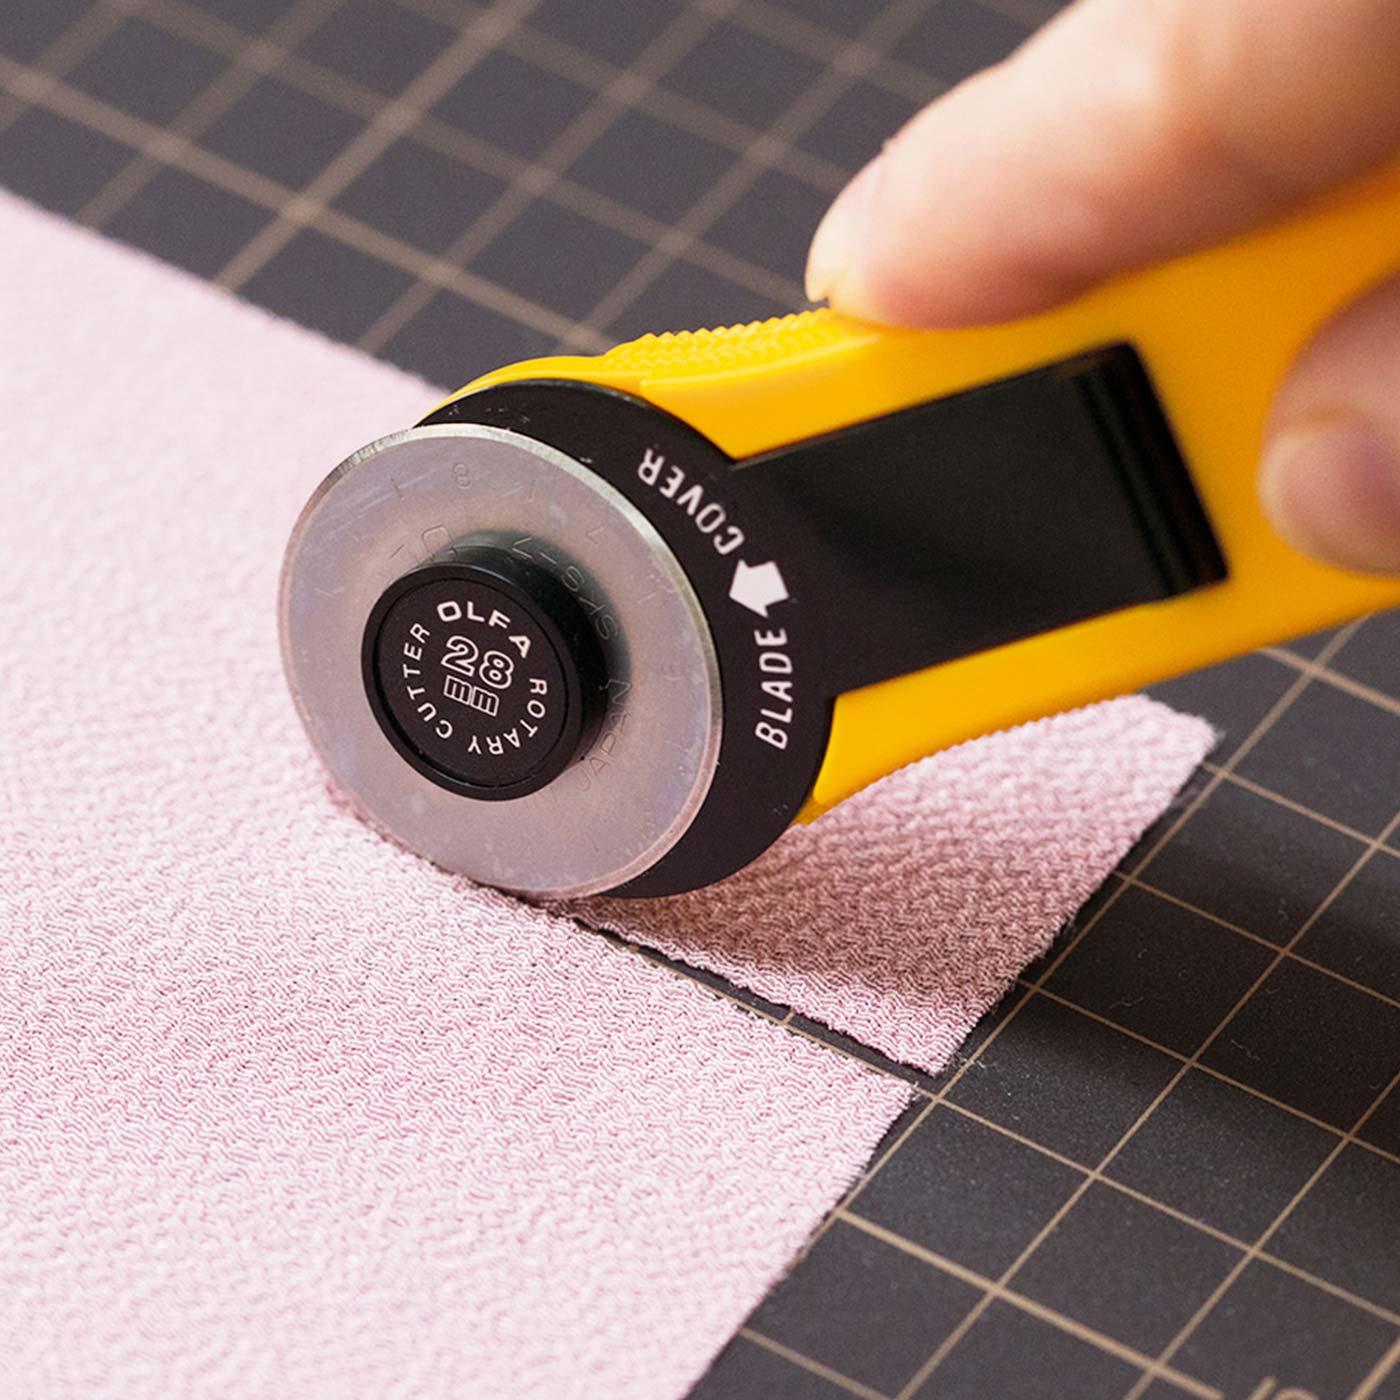 やわらかい布も、スパッと切れれます。